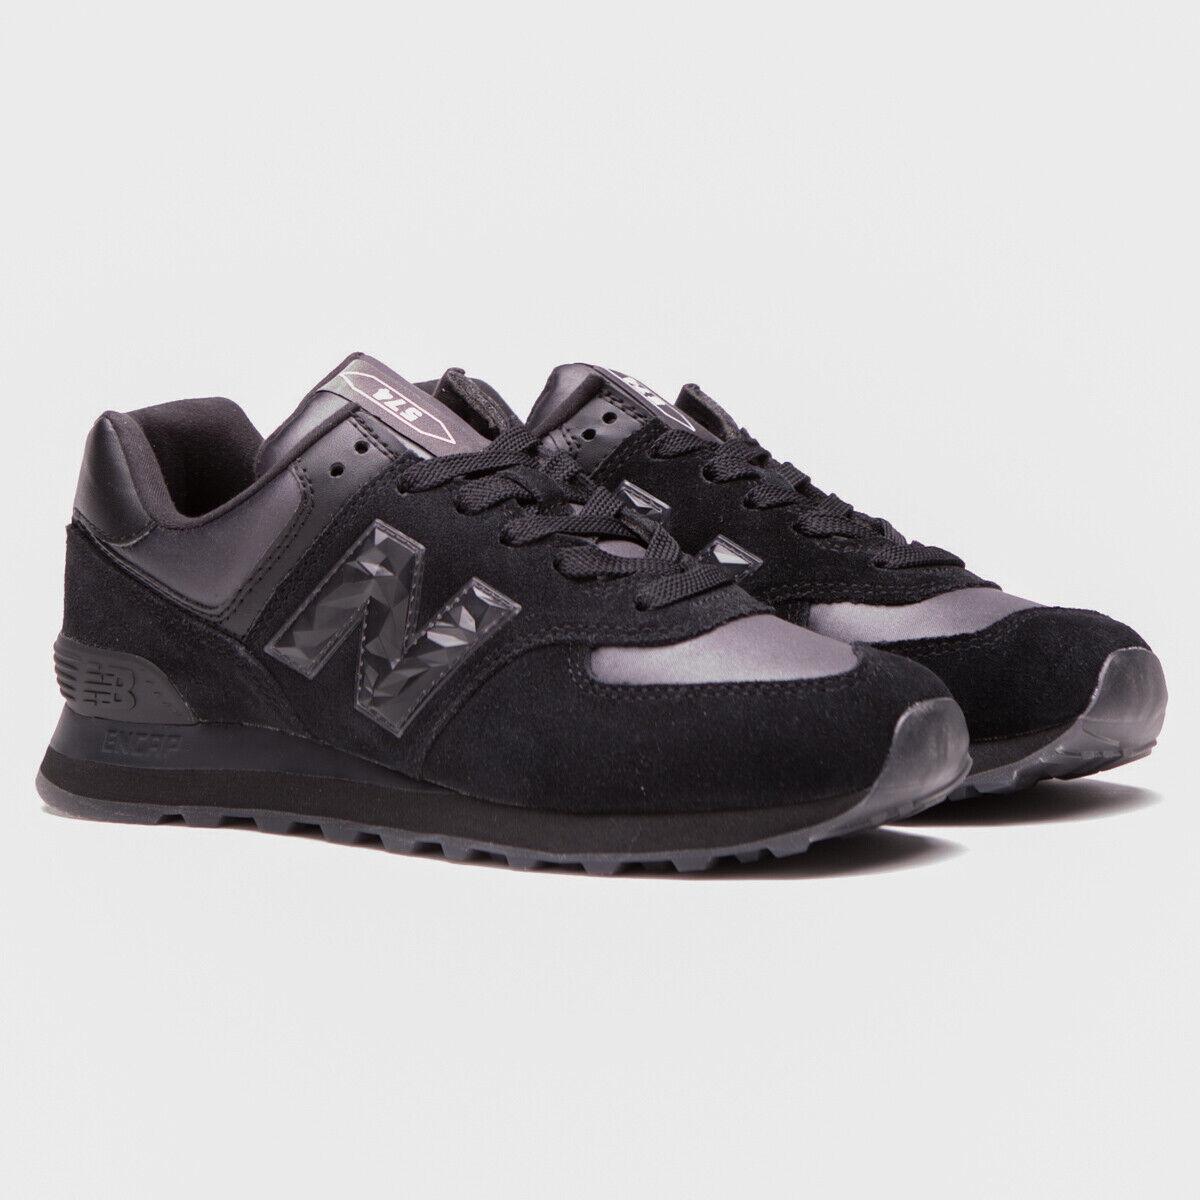 NEW BALANCE DONNE CLASSICHE nero WL574WNV RUNNING  LIFESTILE scarpe da ginnastica 6 -10  vendita economica